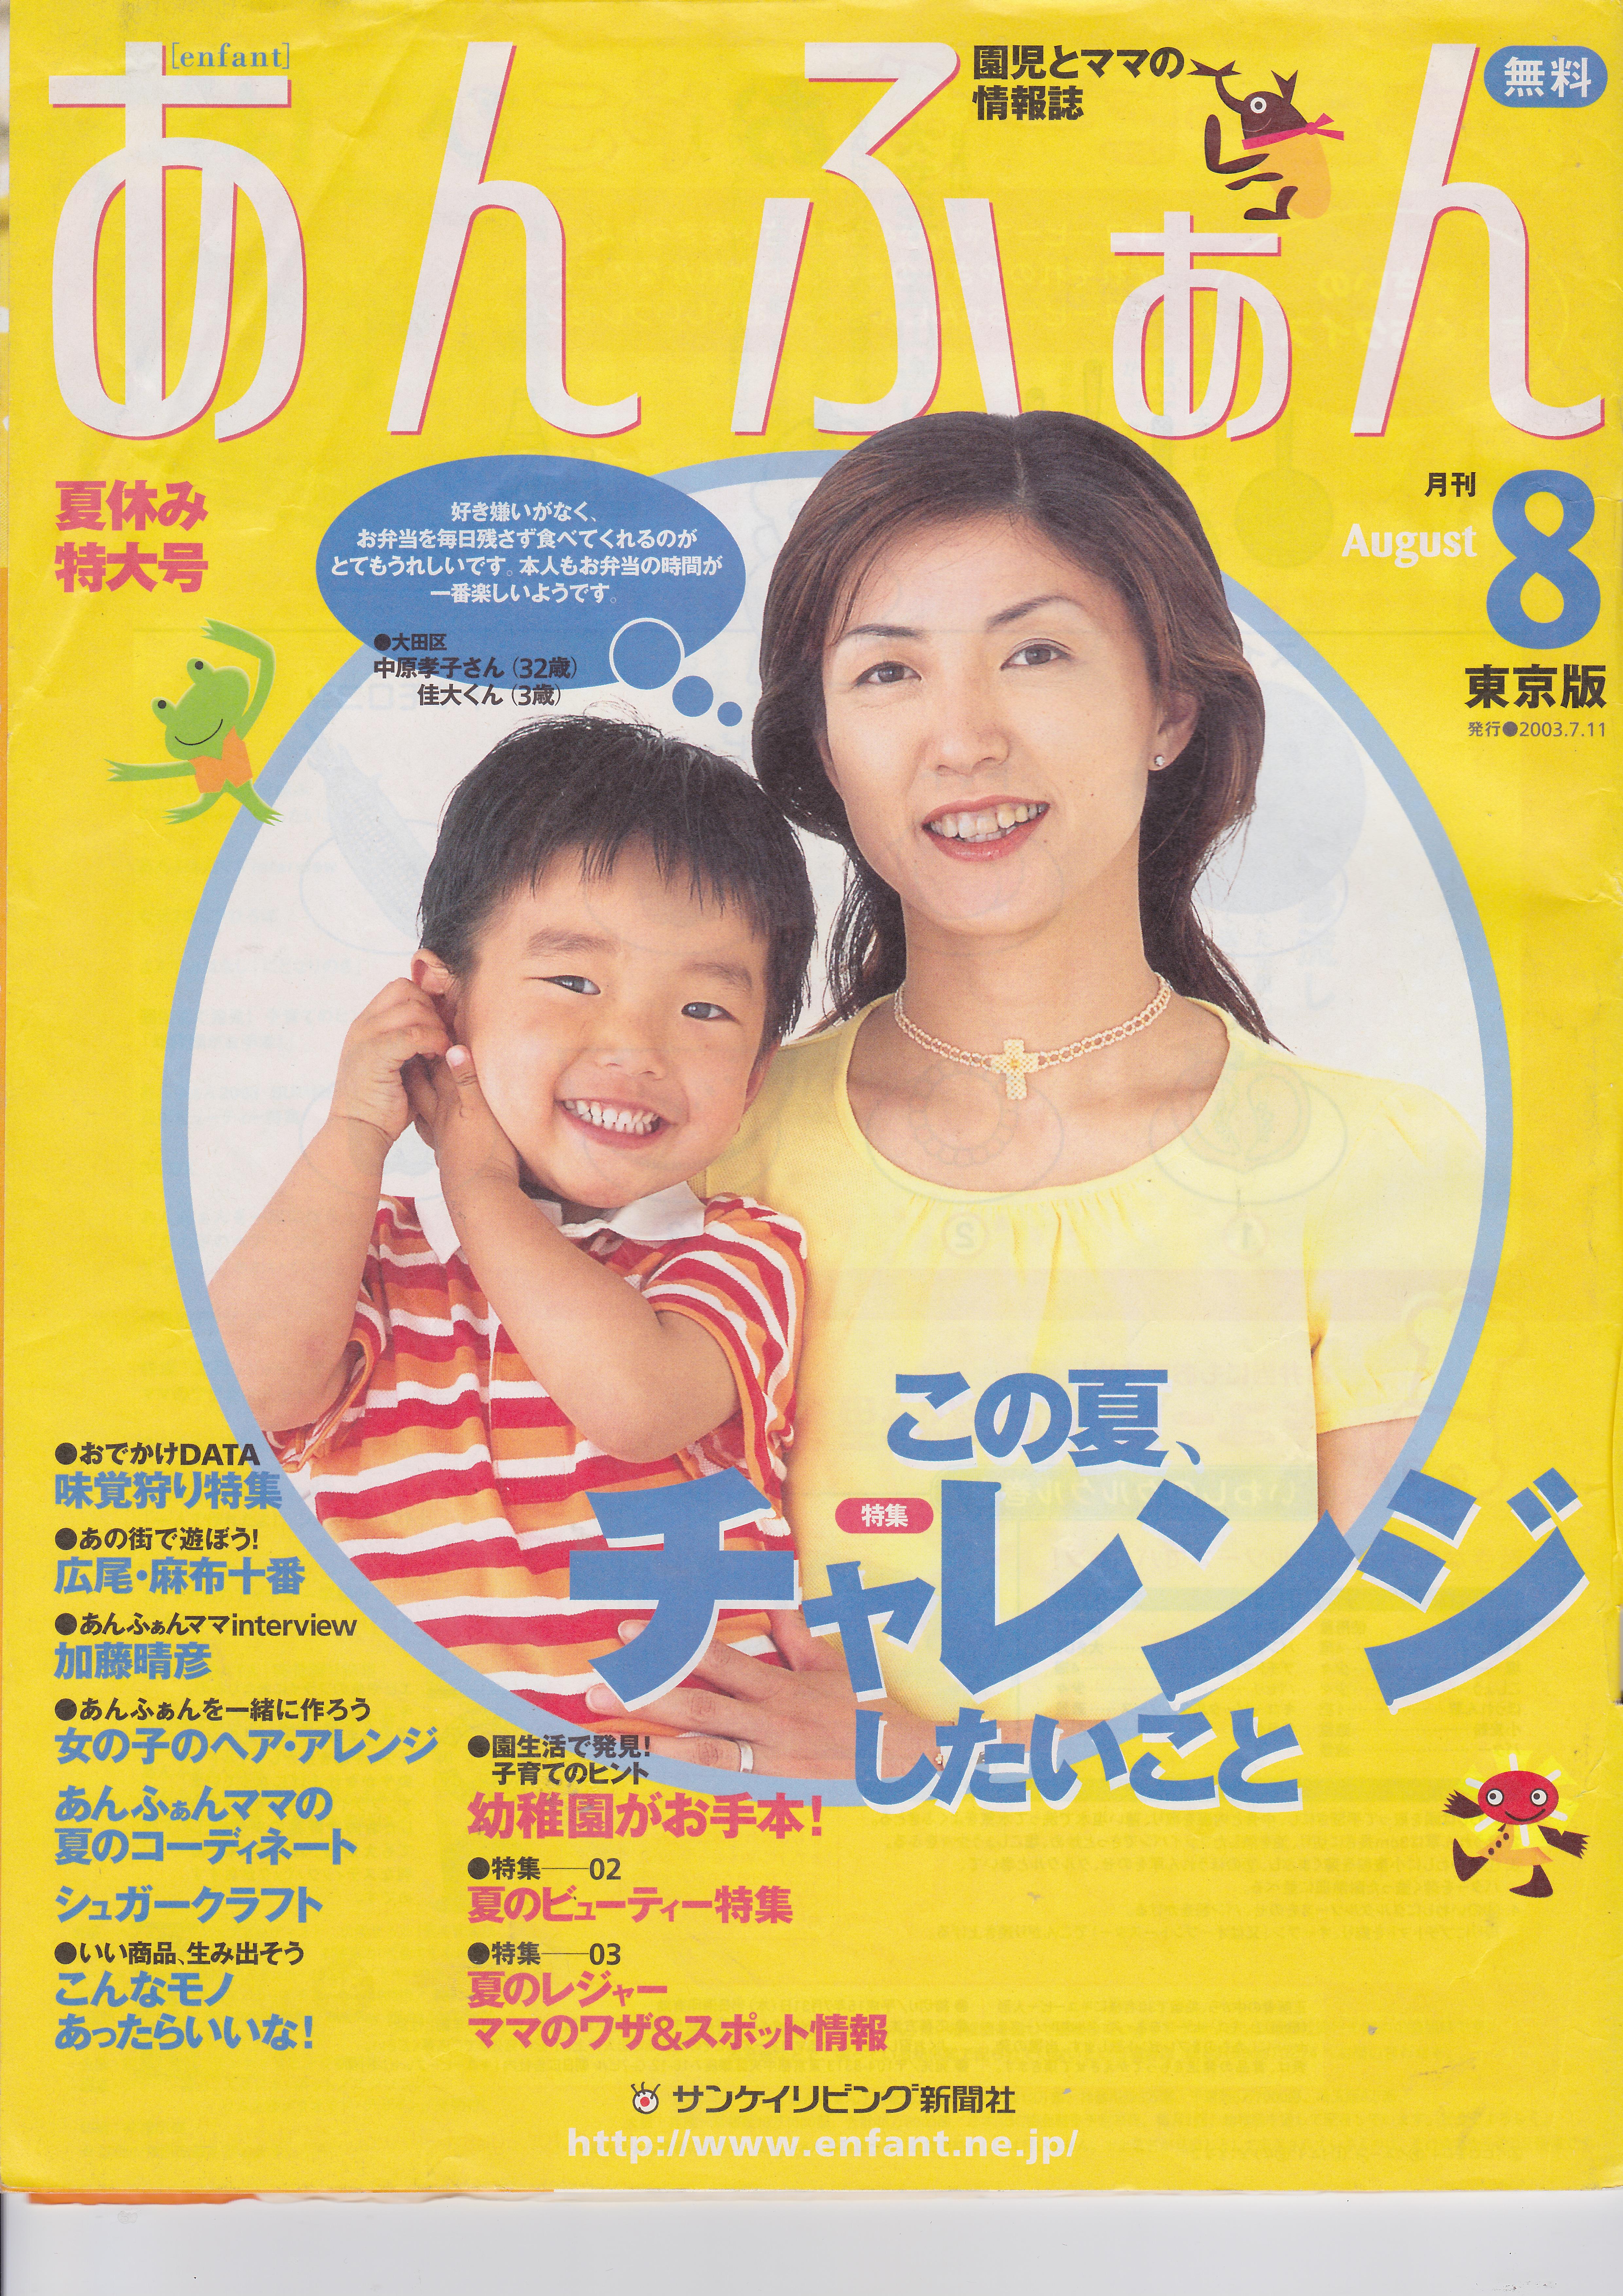 アンファン掲載シュガークラフト教室紹介